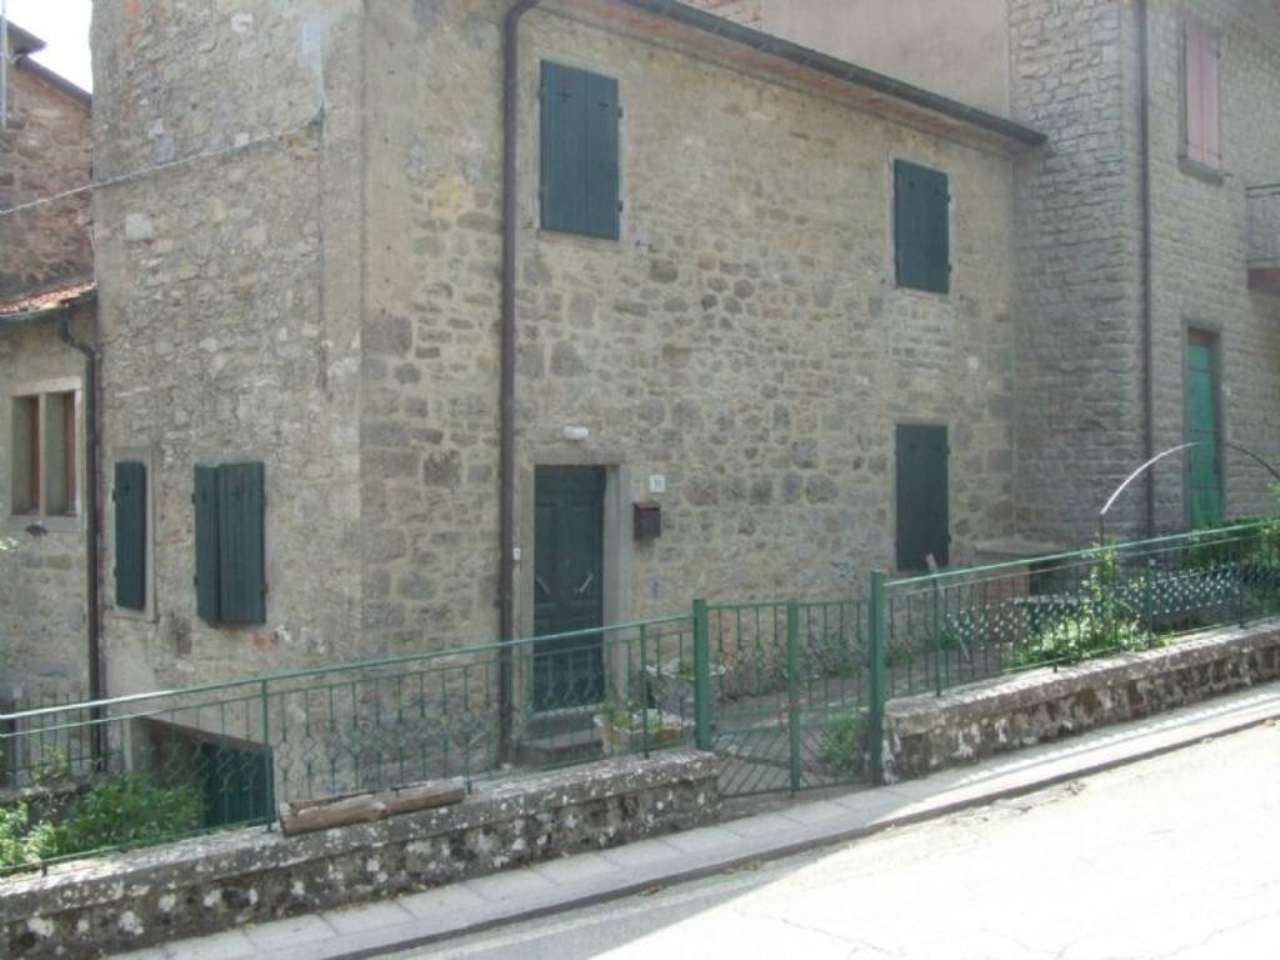 Palazzo / Stabile in Vendita a Chiusi della Verna